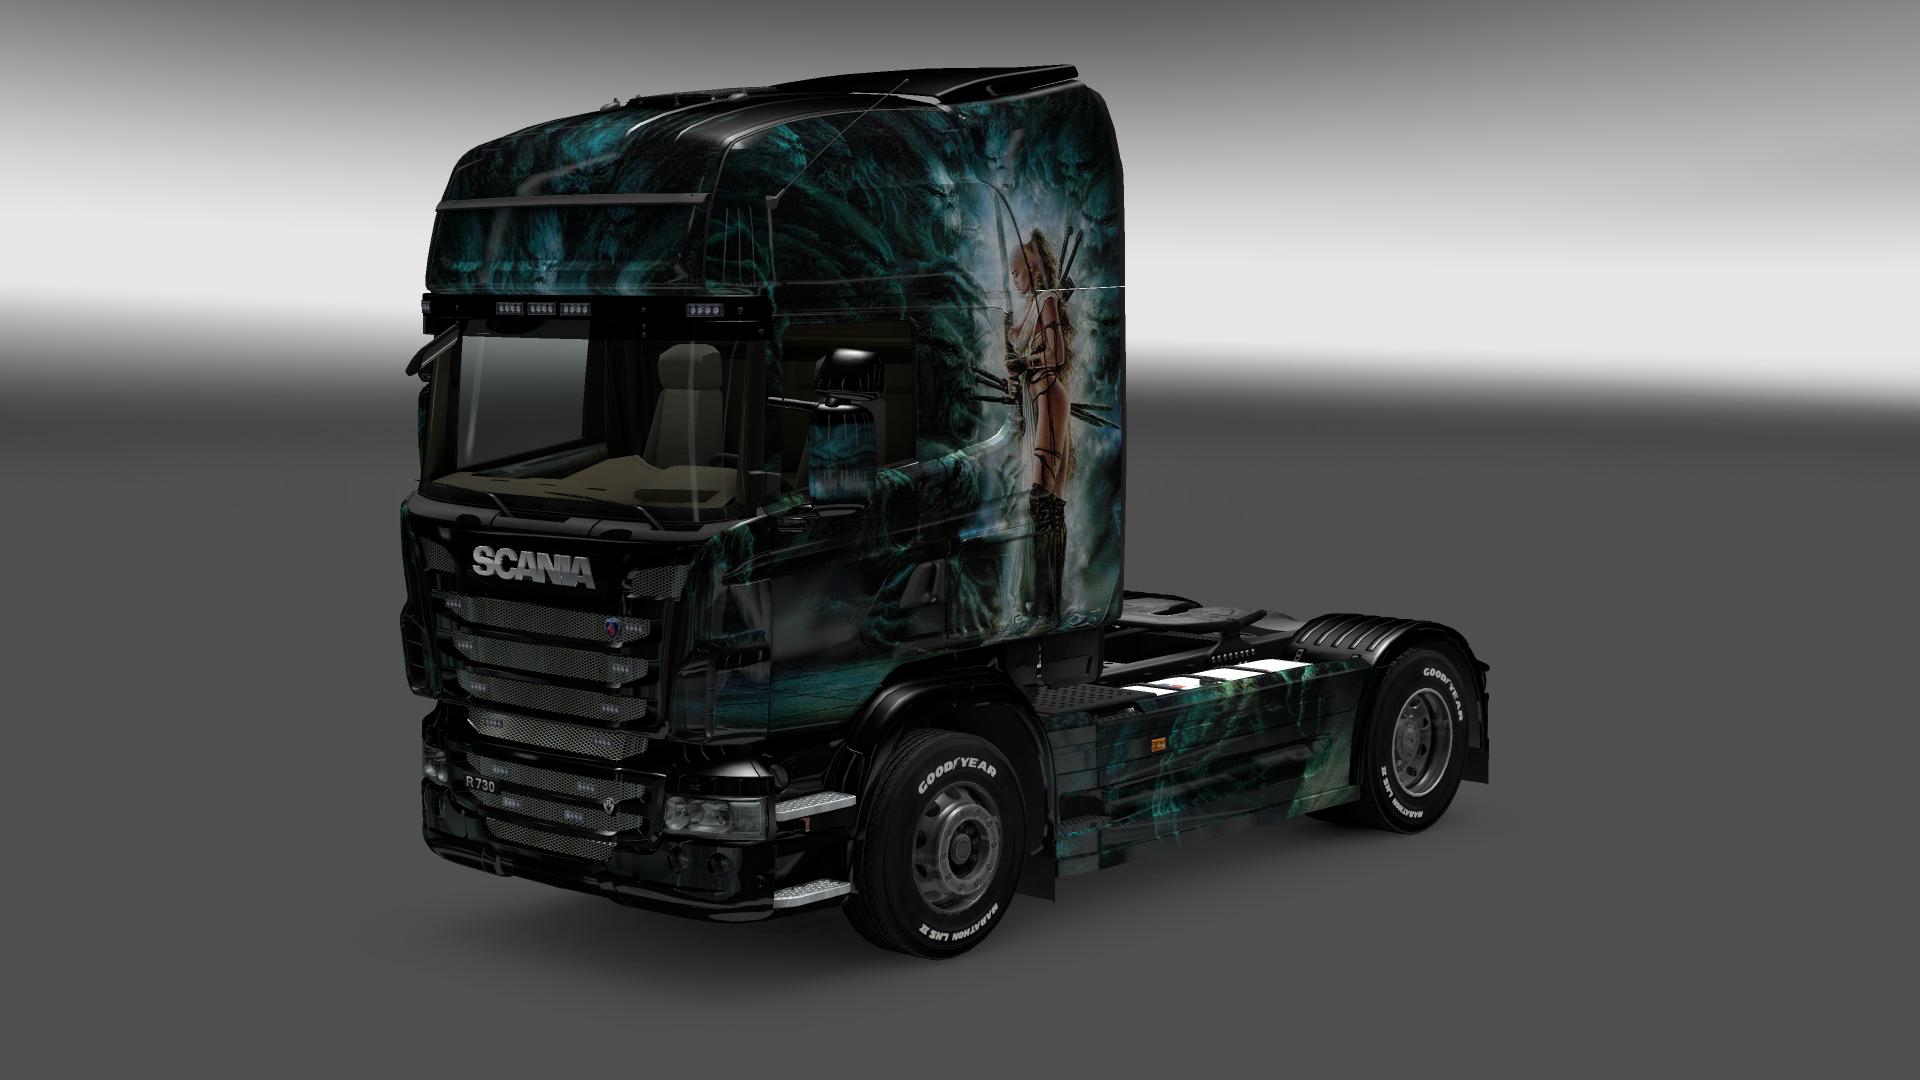 [ETS2] Scania Skin Pack Shwygzau